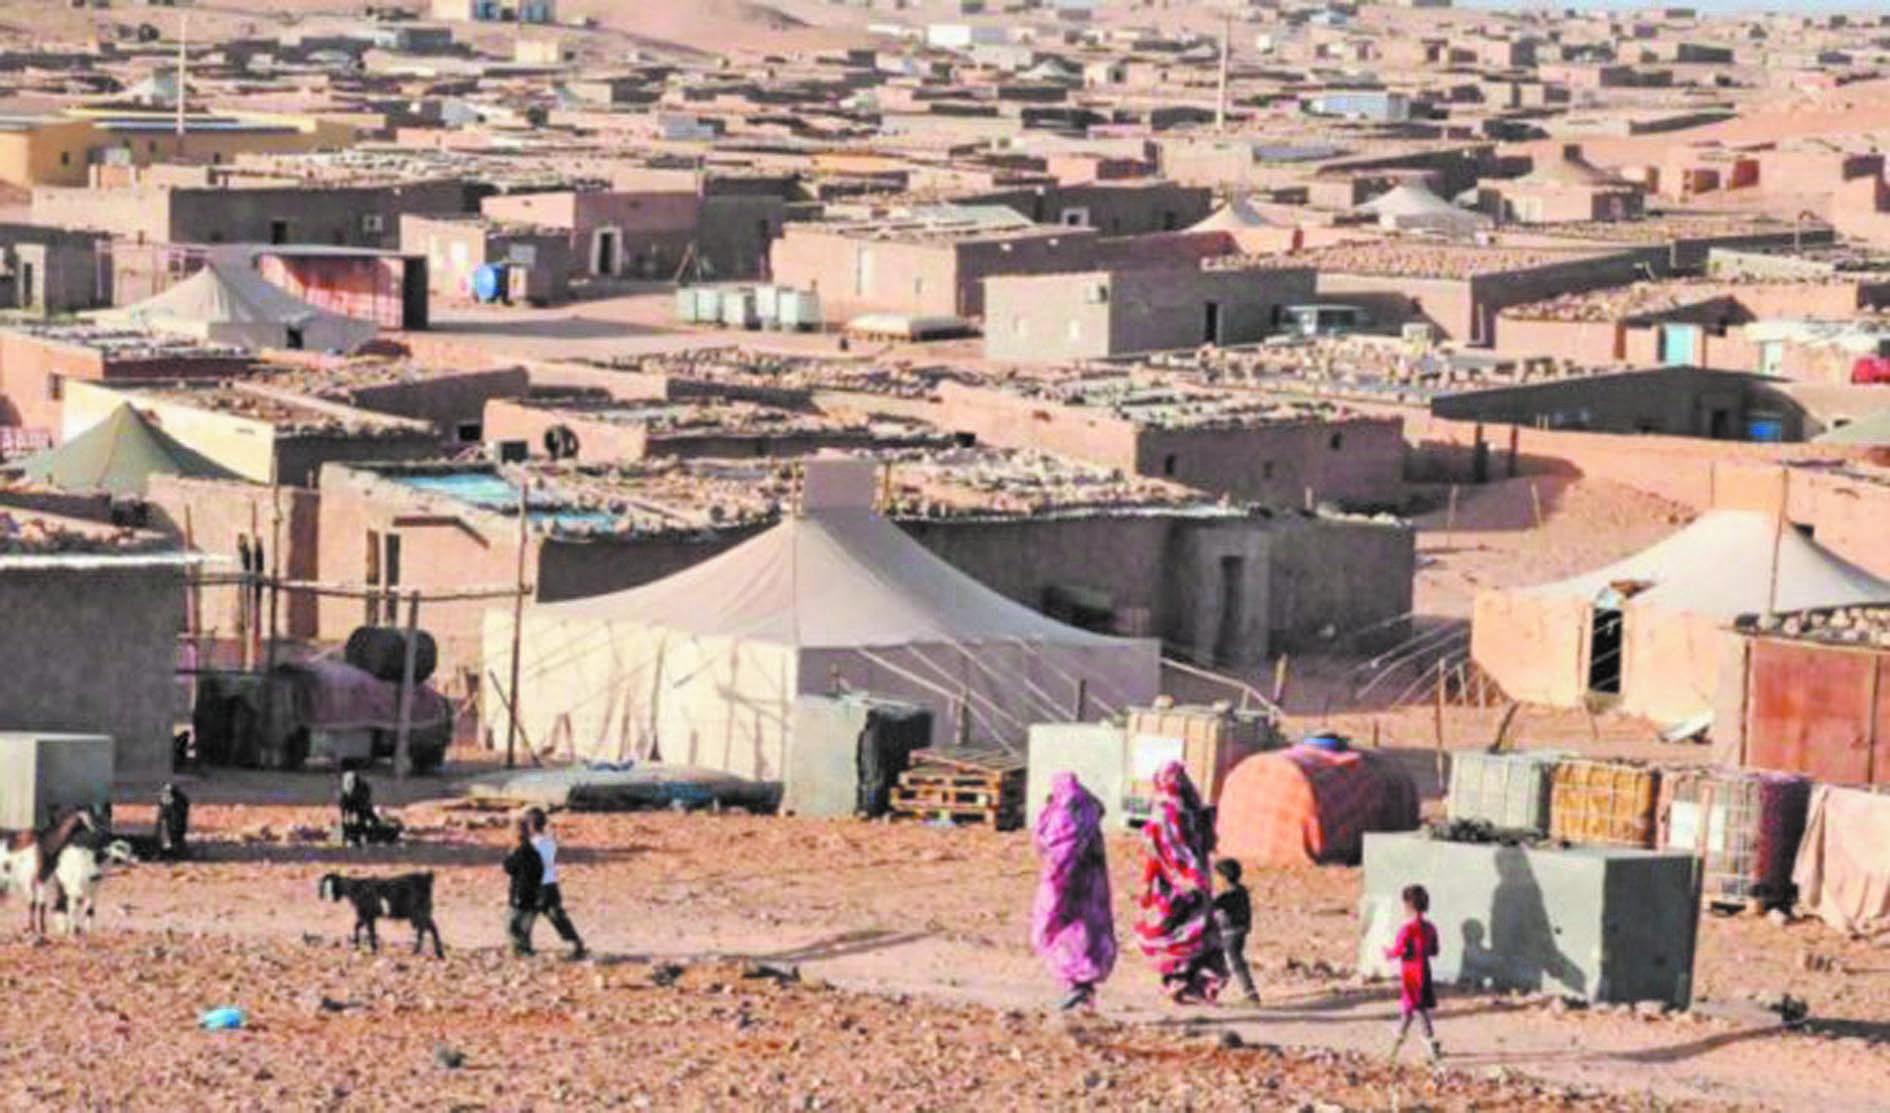 Aux camps de Tindouf, près d'un demi-siècle de misère et de désillusions